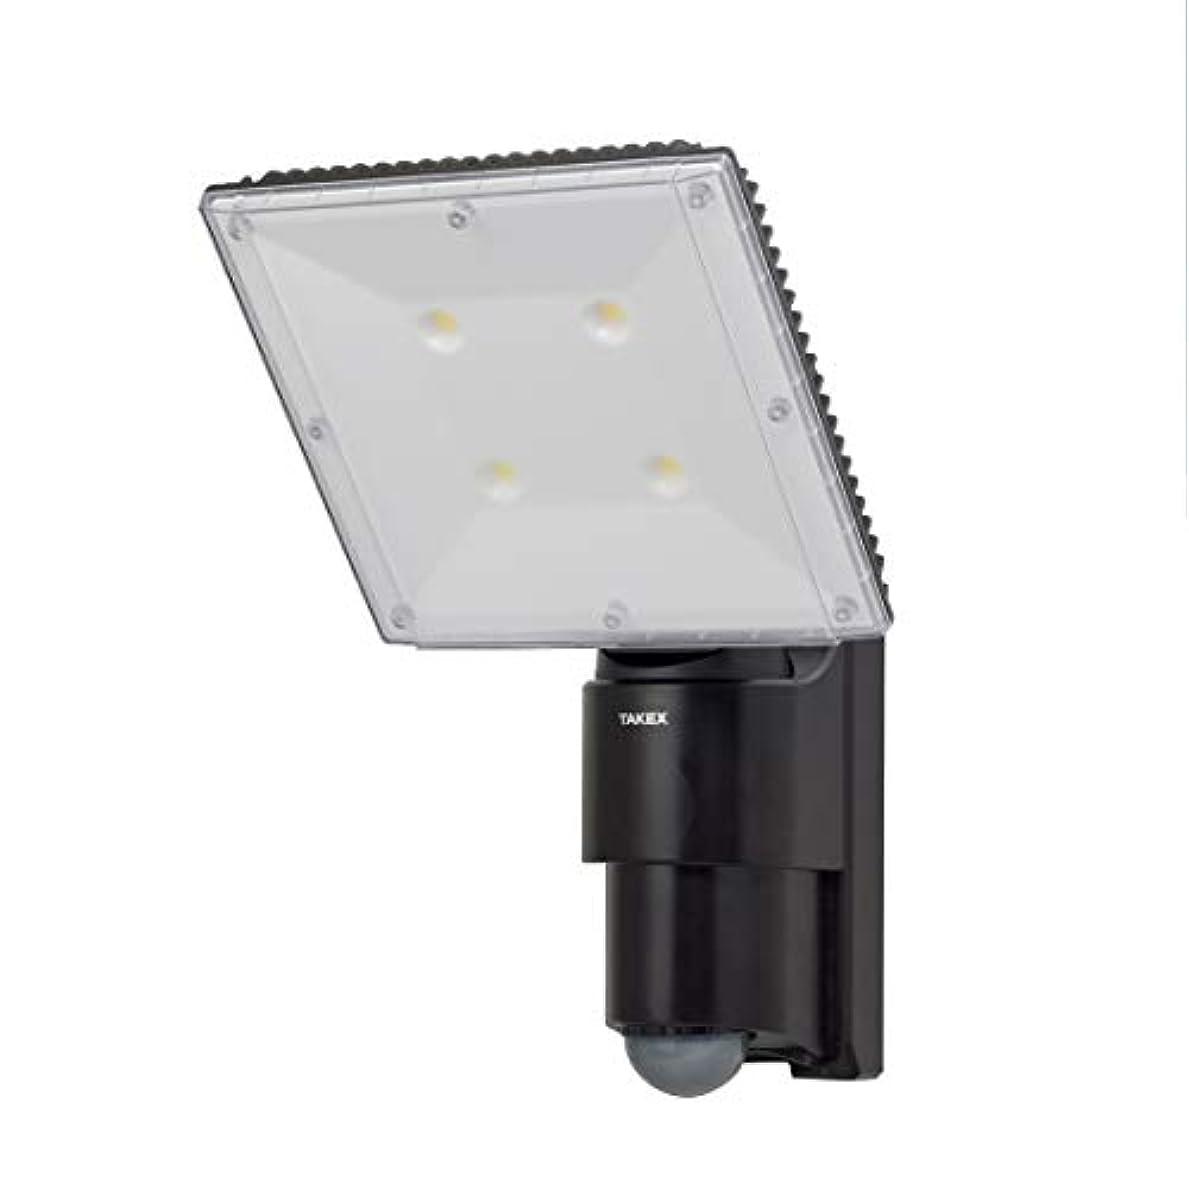 主張する高層ビル速度LCL-37 LED人感ライト 最大7000lmの高照度ライトを搭載したLED人感ライト! TAKEX 竹中エンジニアリング株式会社